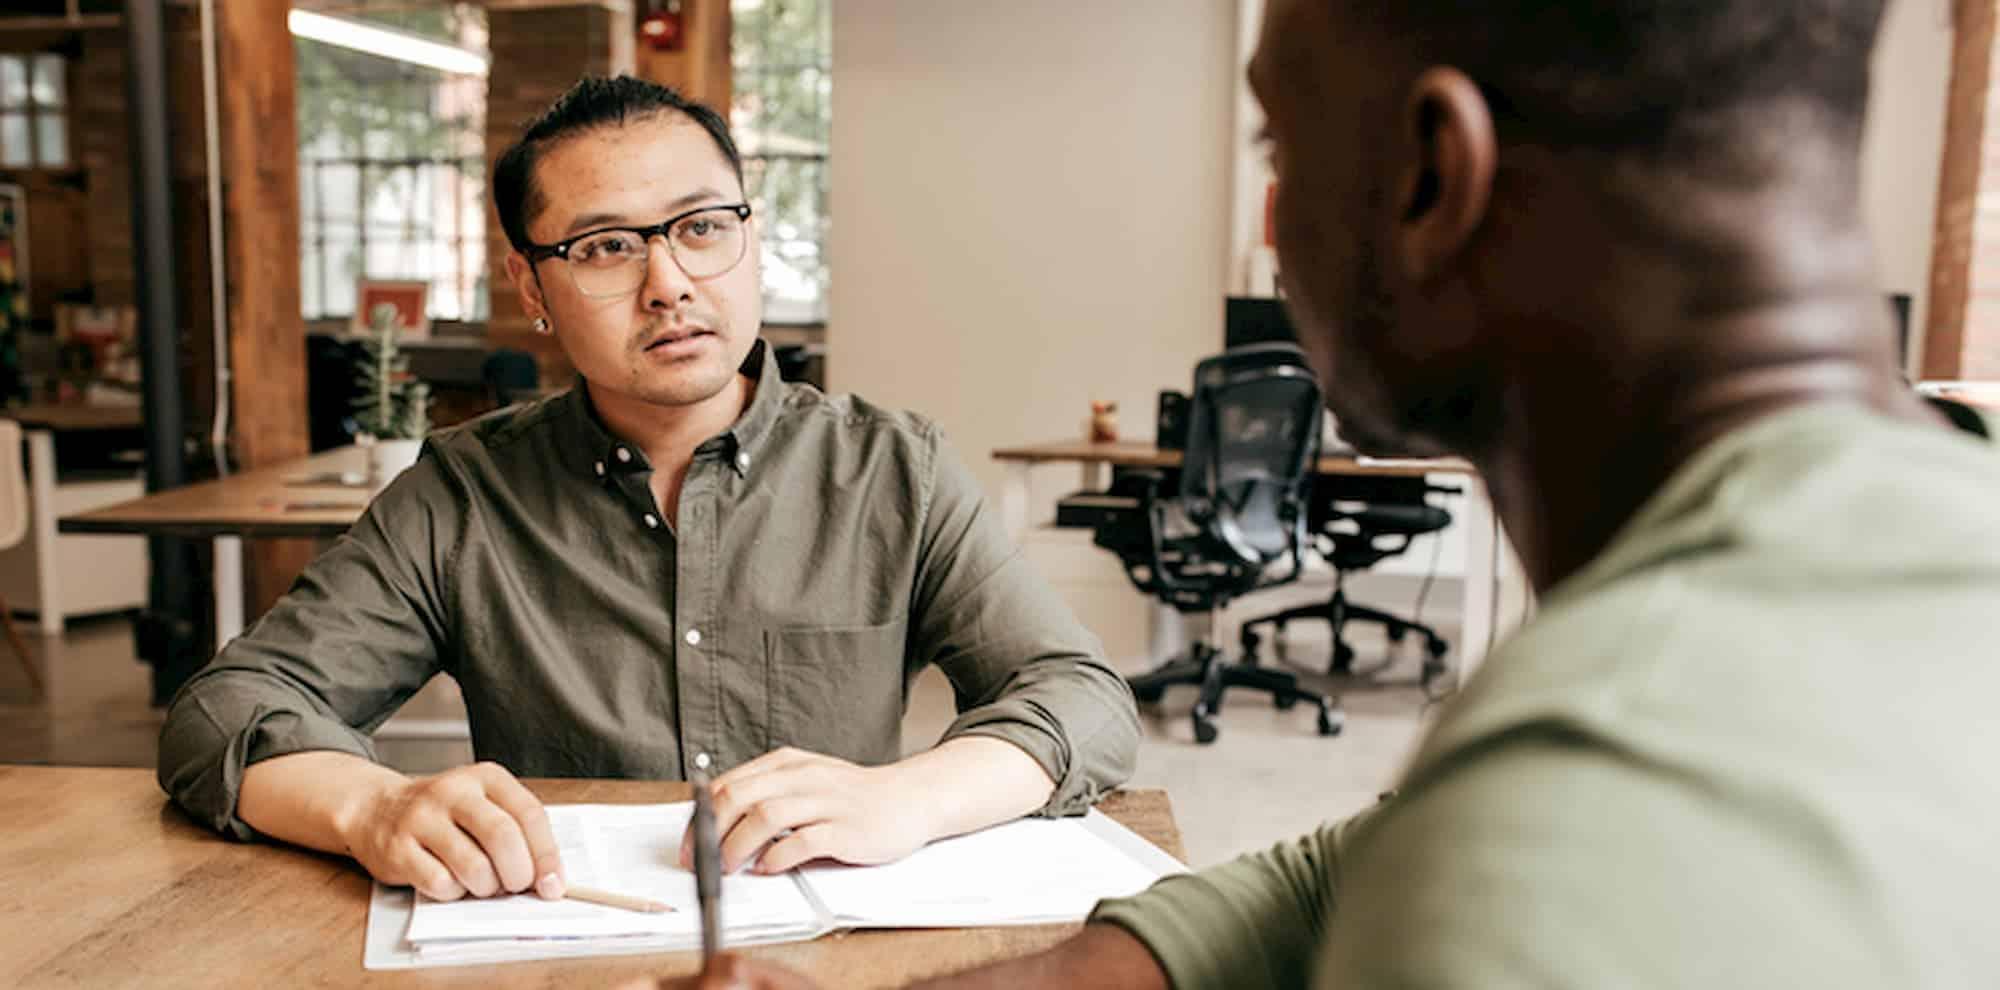 hai người đàn ông tư vấn tại bàn trong không gian làm việc lớn